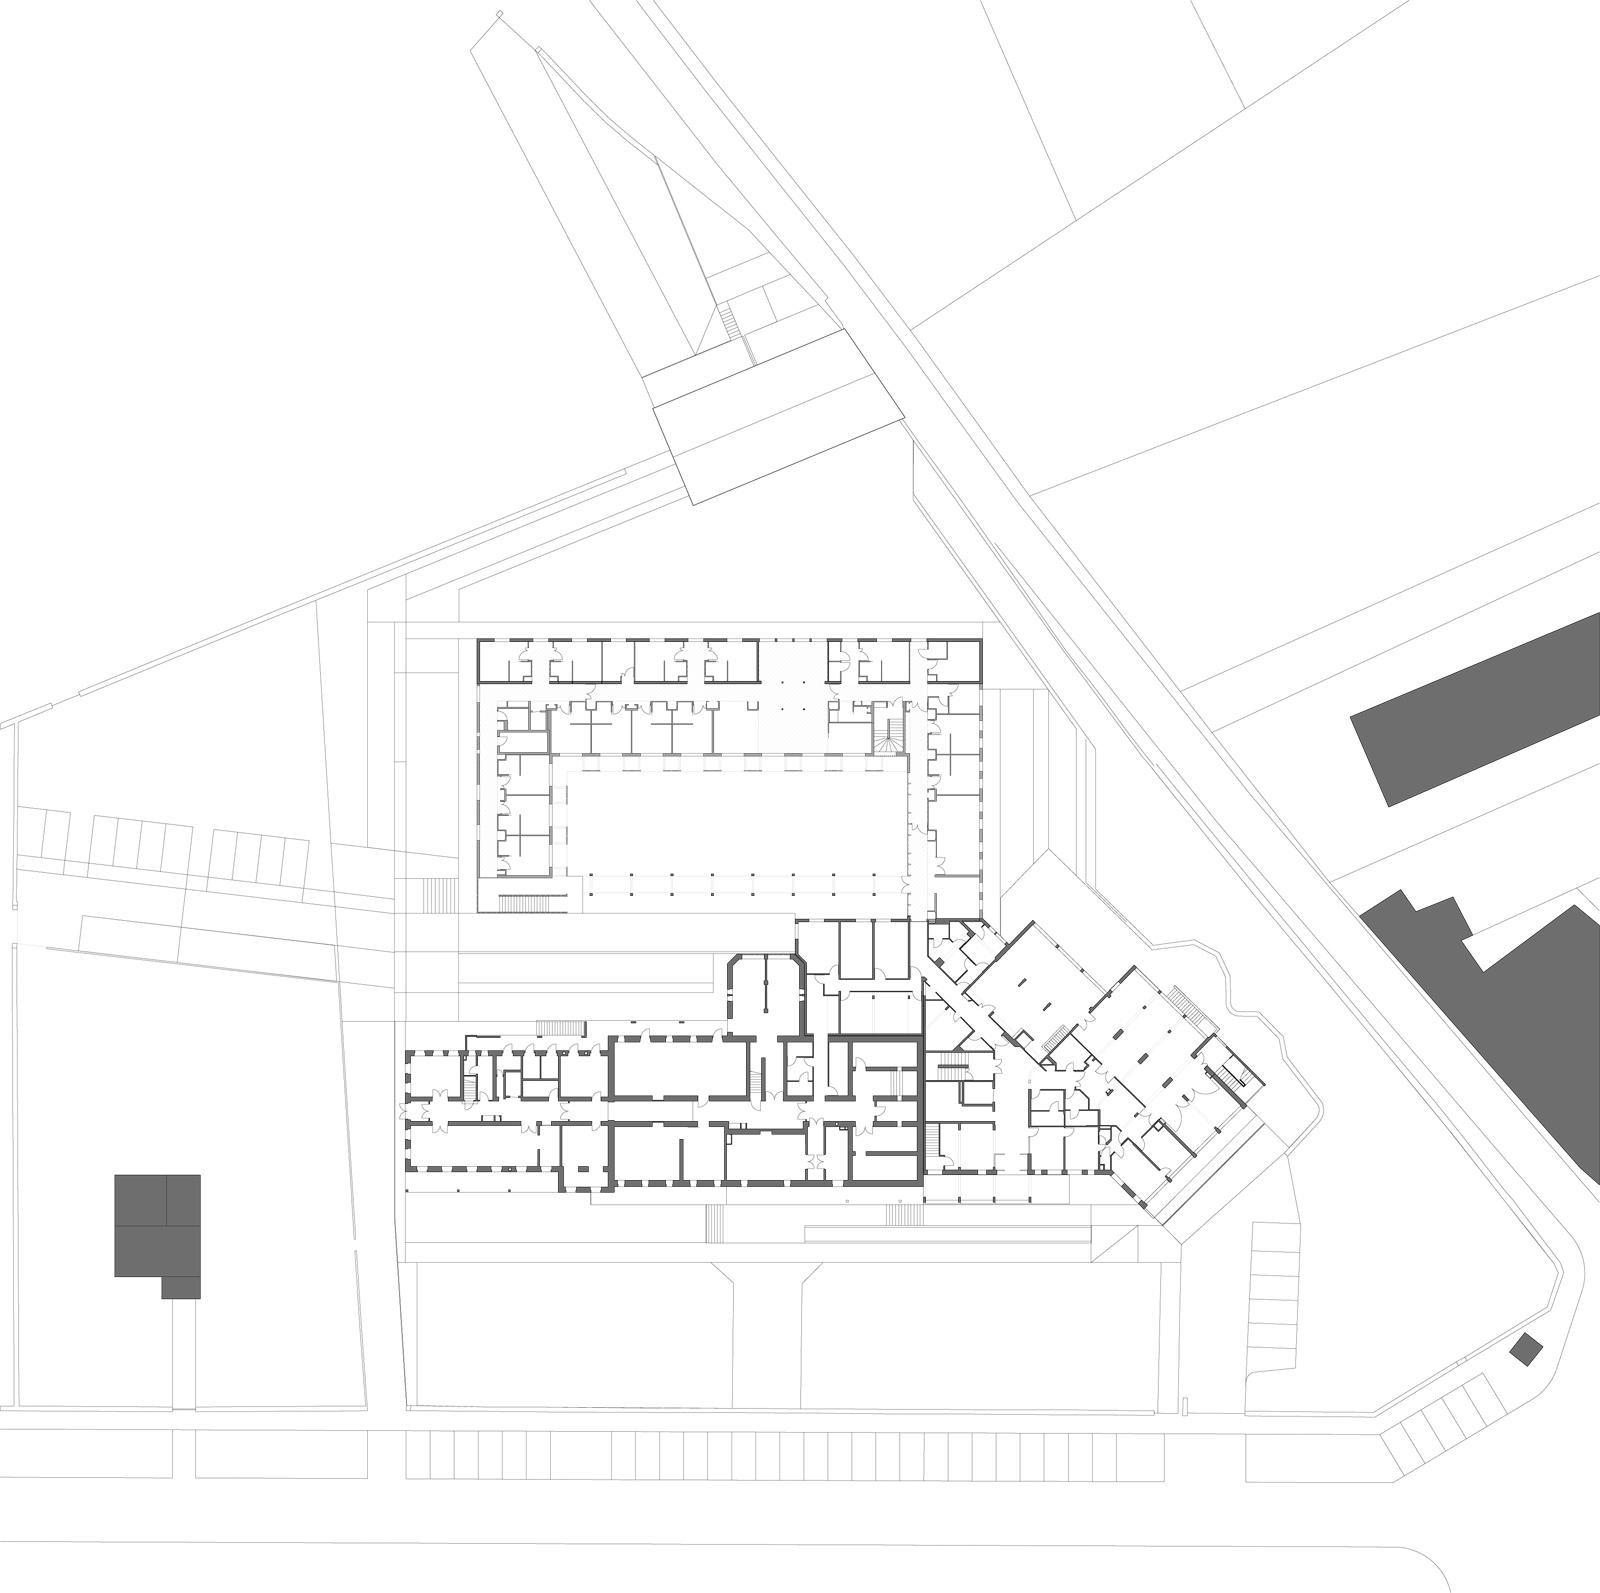 Plan du rdc de la maison de retraite